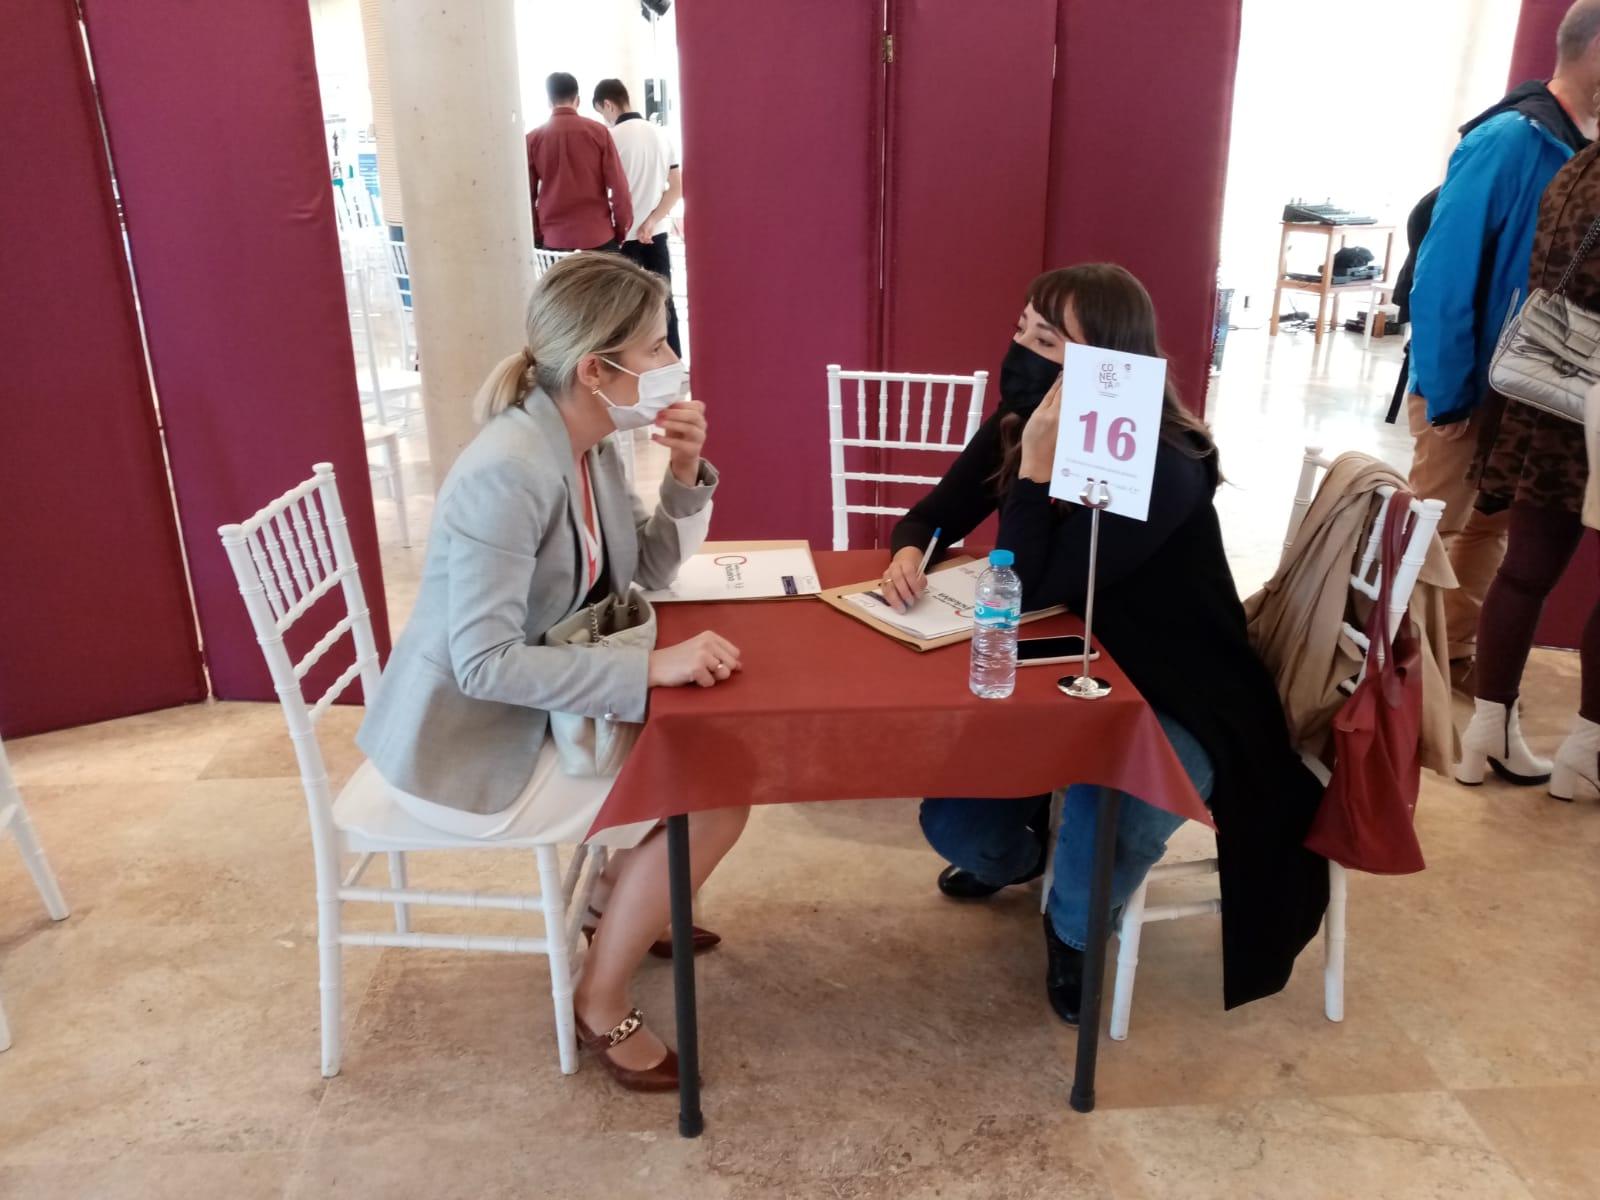 CLM Inclusiva COCEMFE, presente en la X Edición del Encuentro de Negocios 'Conecta empresarios 2021' organizada por AJE Ciudad Real